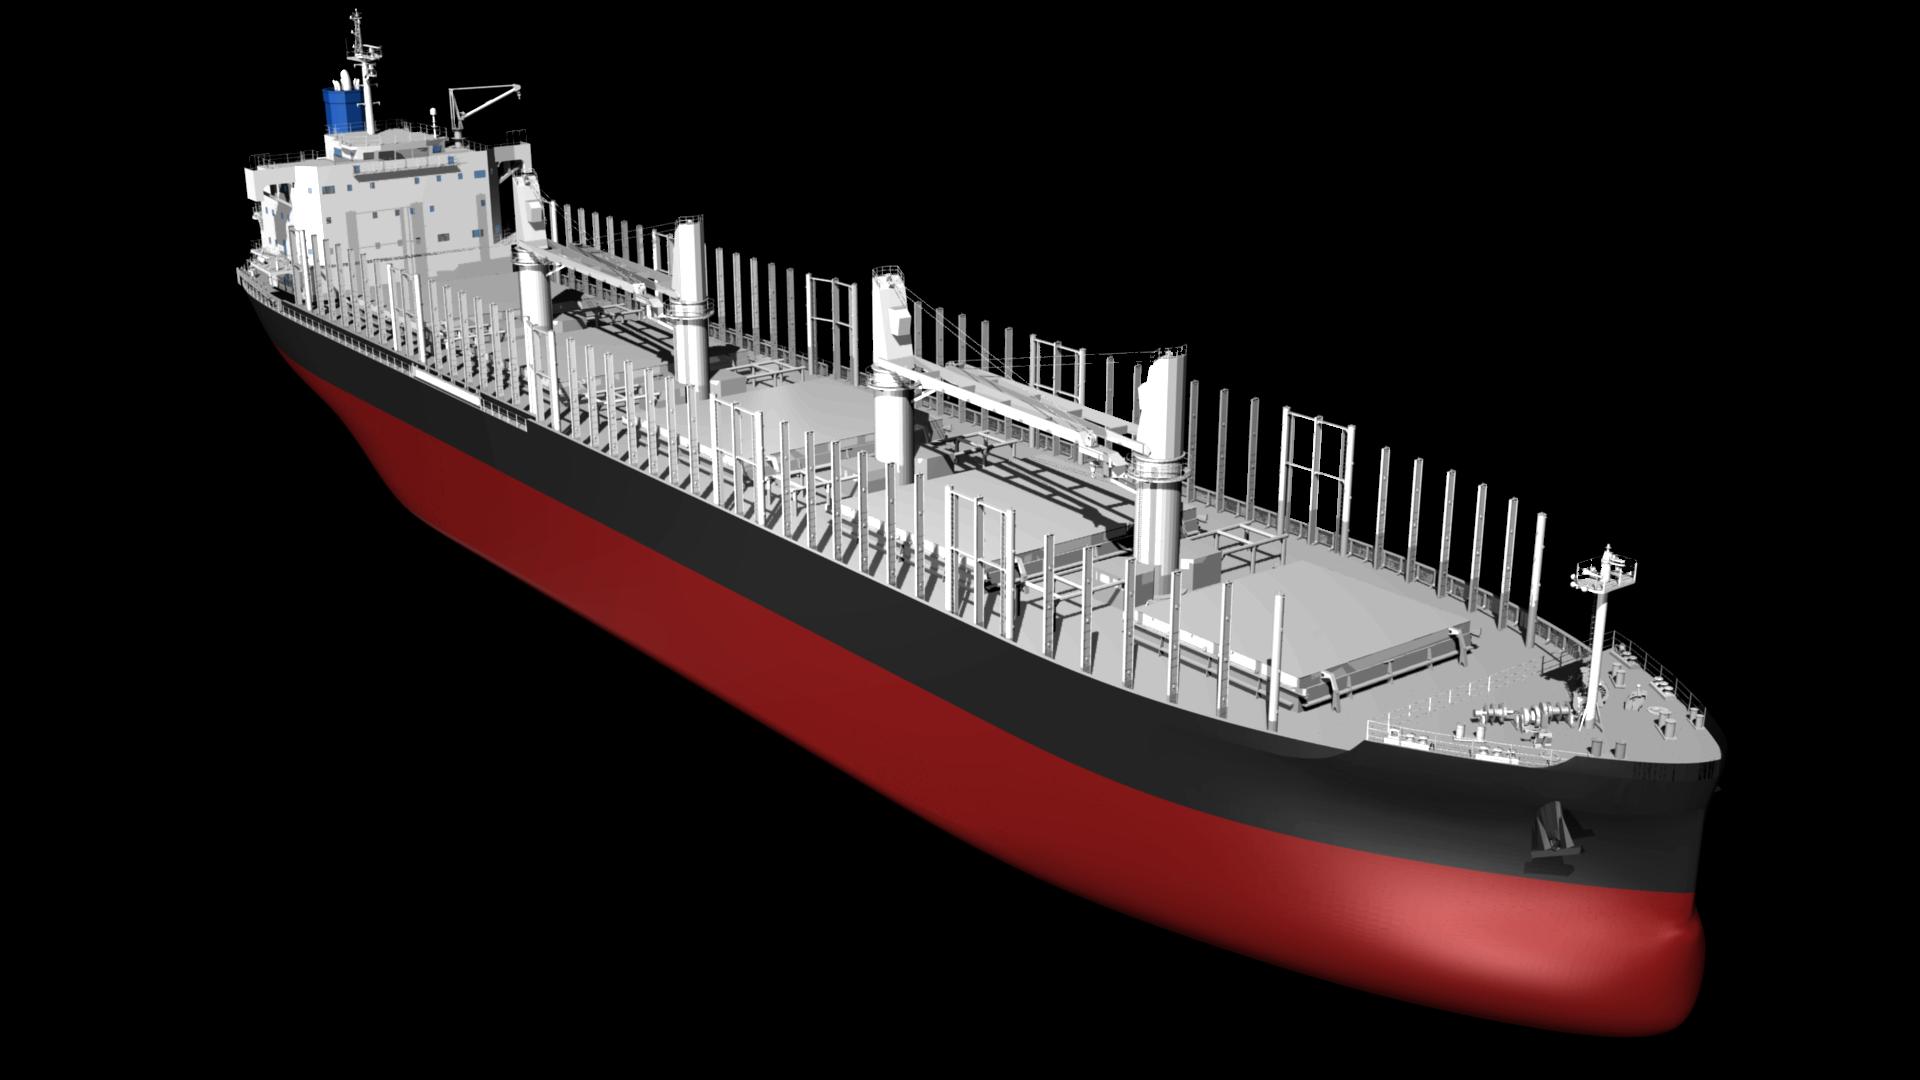 """常石造船、新開発の3万8,300トン型木材およびばら積み貨物船""""TESS38""""国内船主より初受注"""